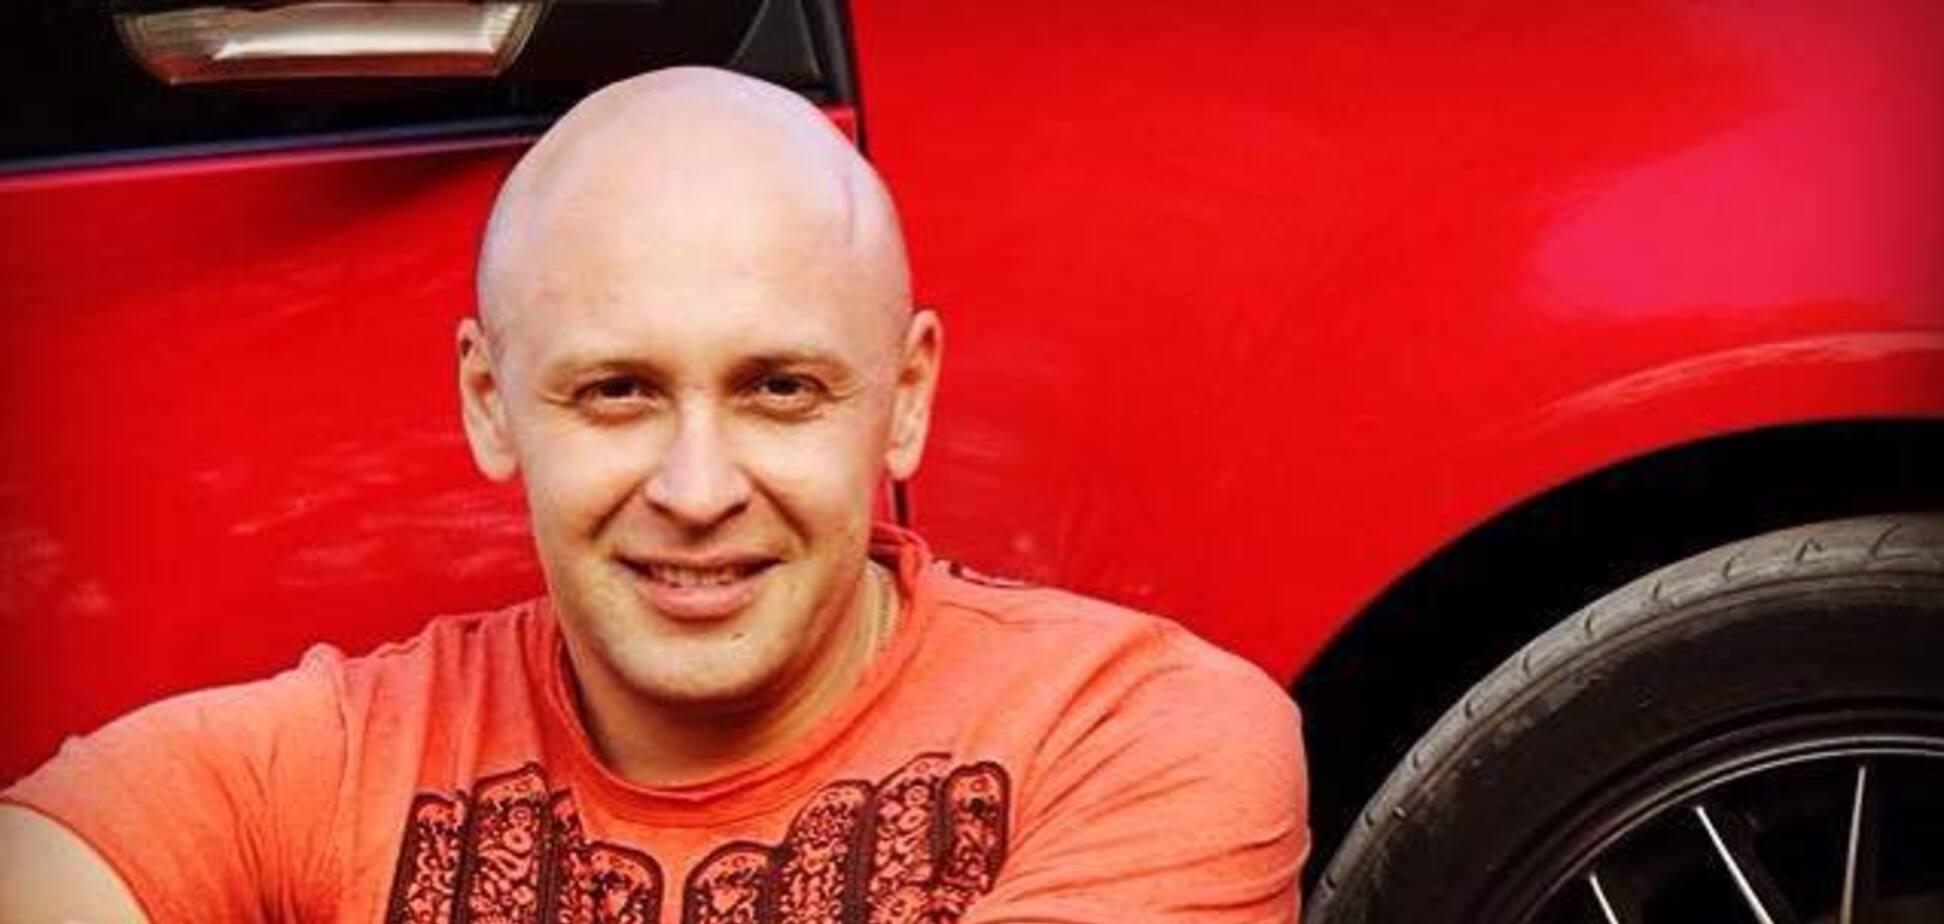 Антон Гура: что известно о блогере, который заявил о 'целом самолете инфицированных' из Милана